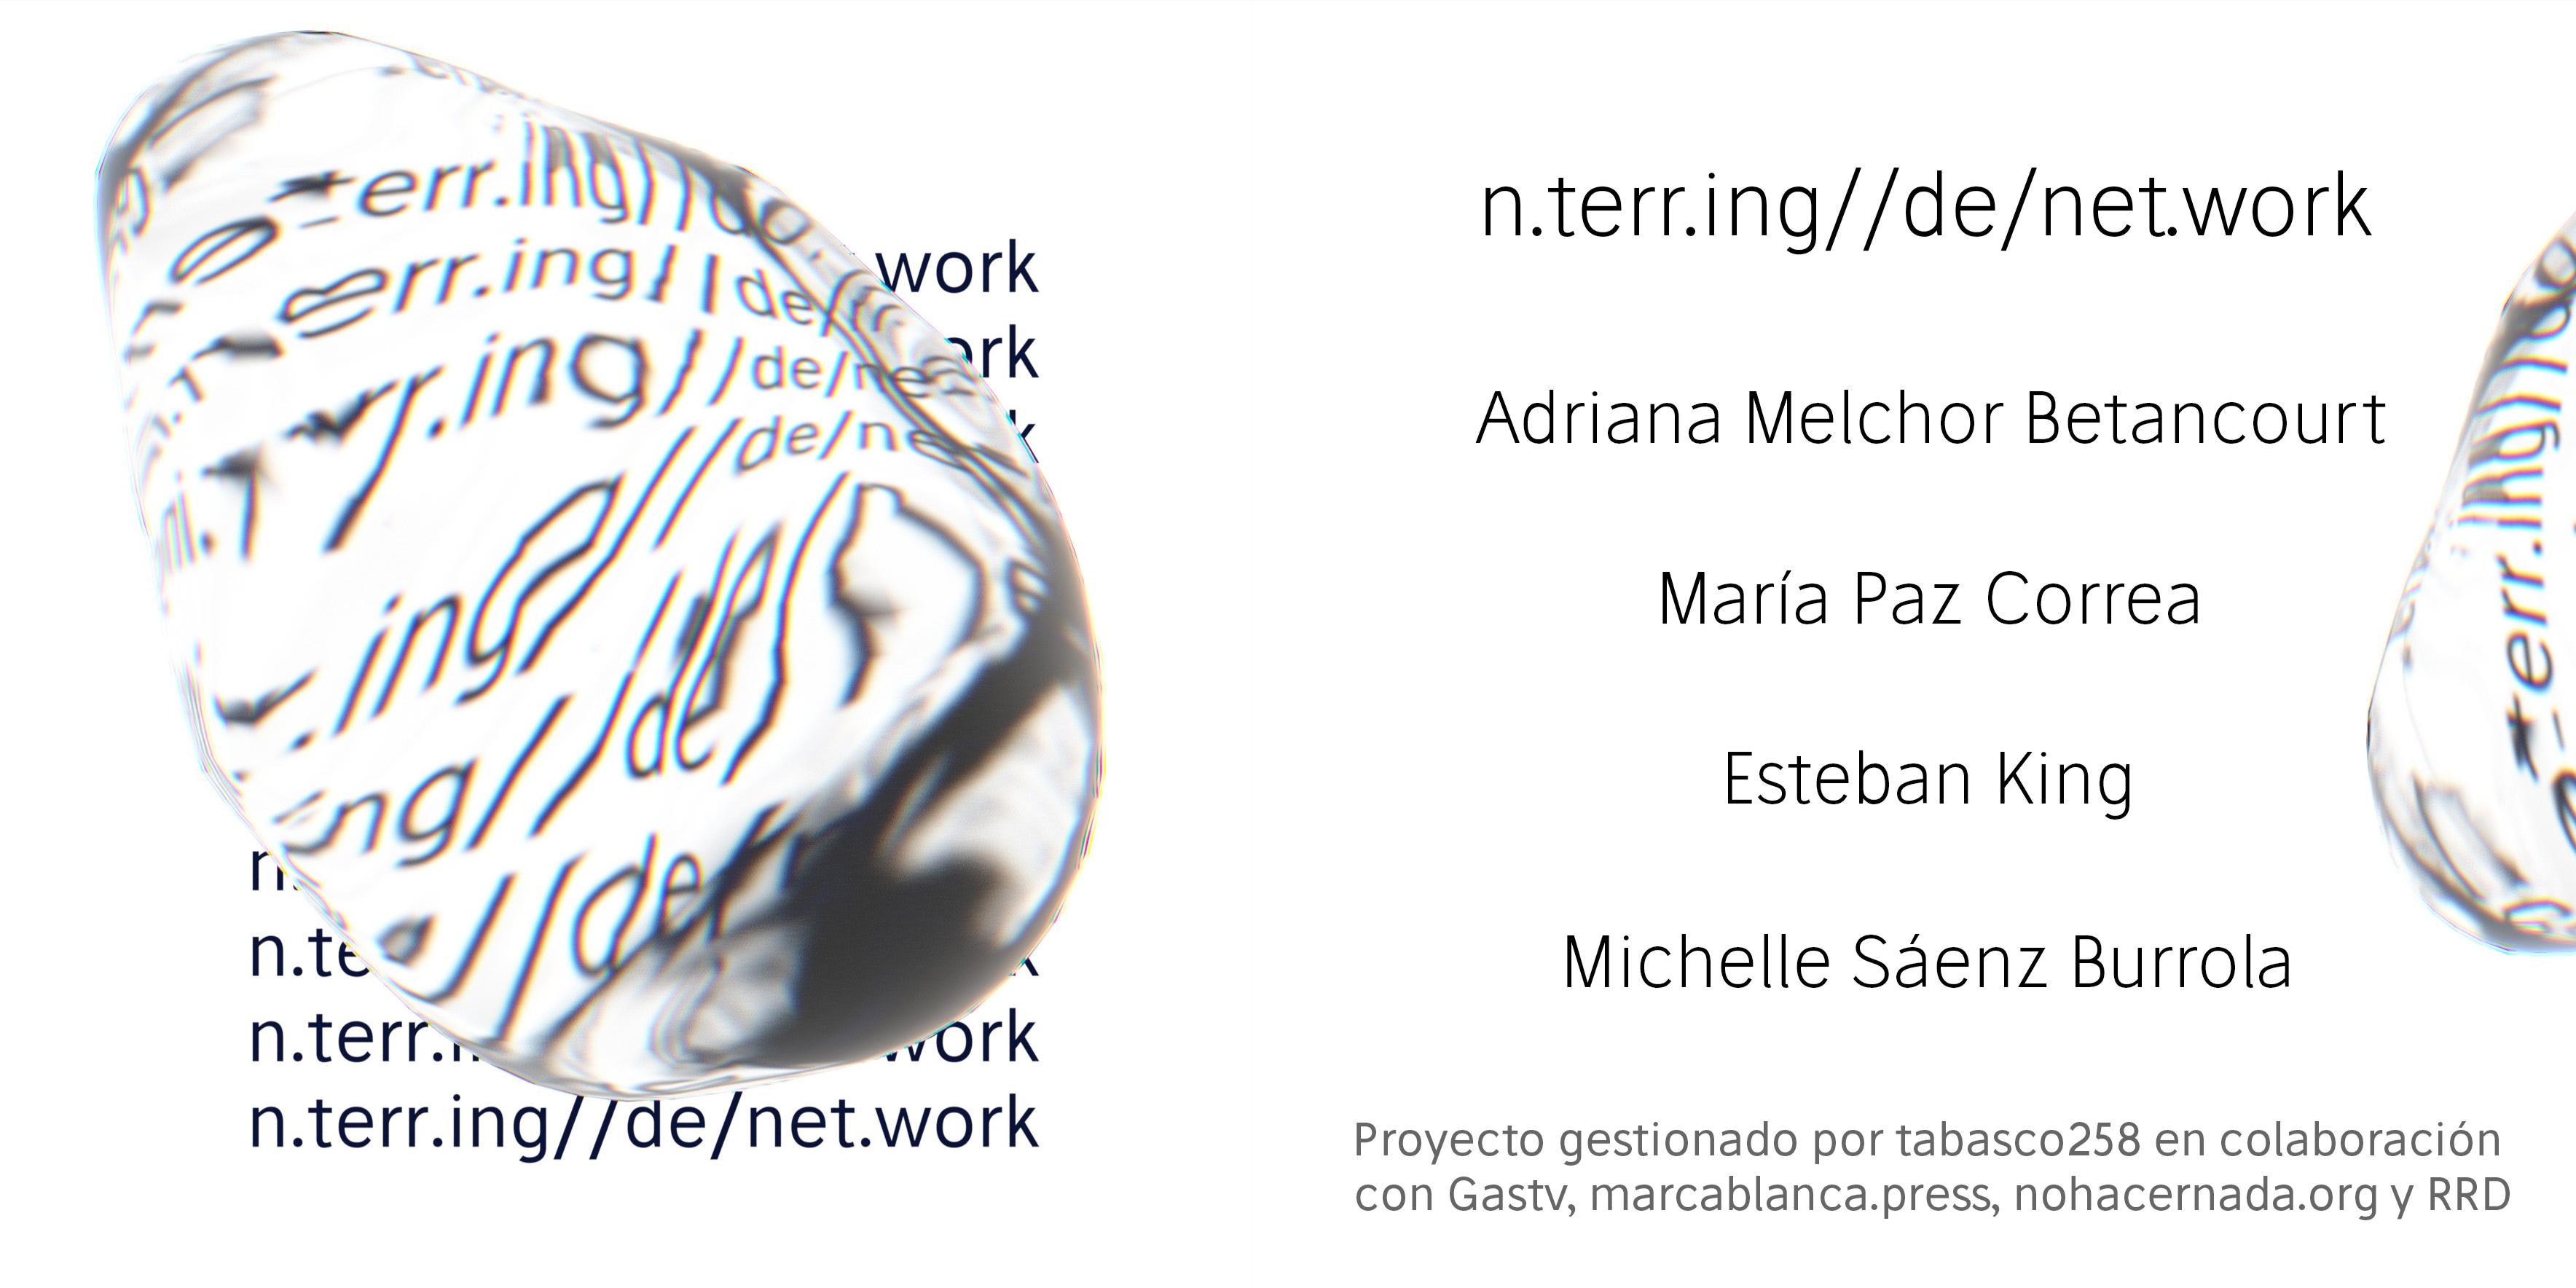 n.terr.ing//de/net.work